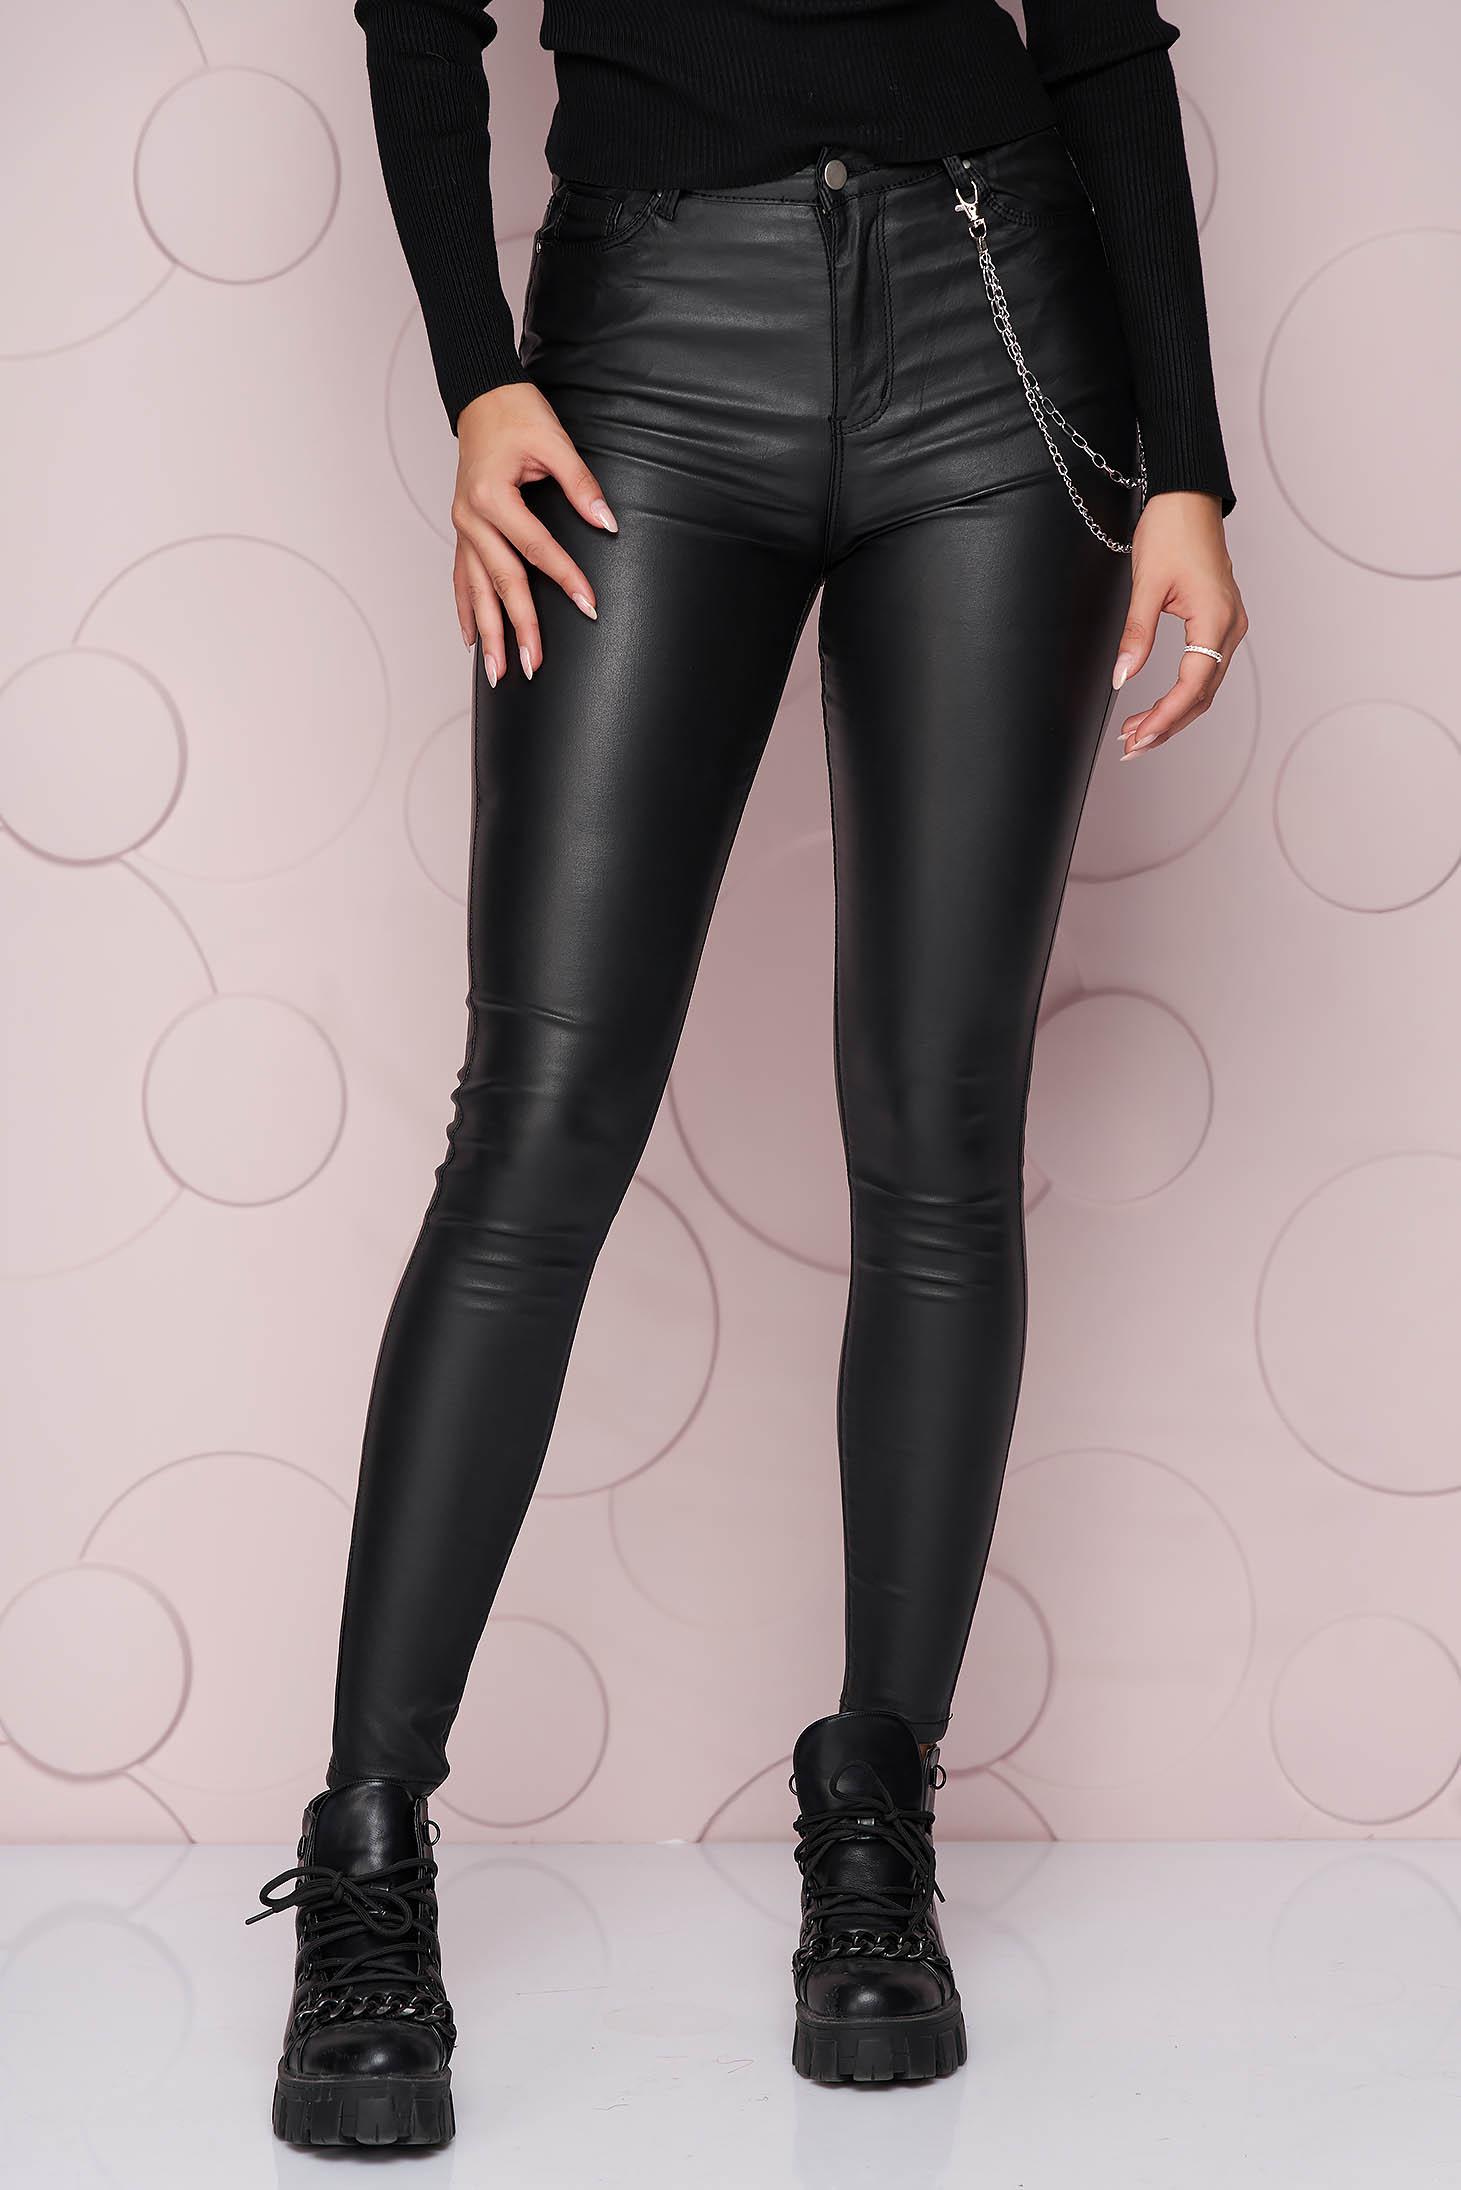 Fekete magas derekú szűk szabású nadrág vékony rugalmas anyagból fém lánc kiegészítővel